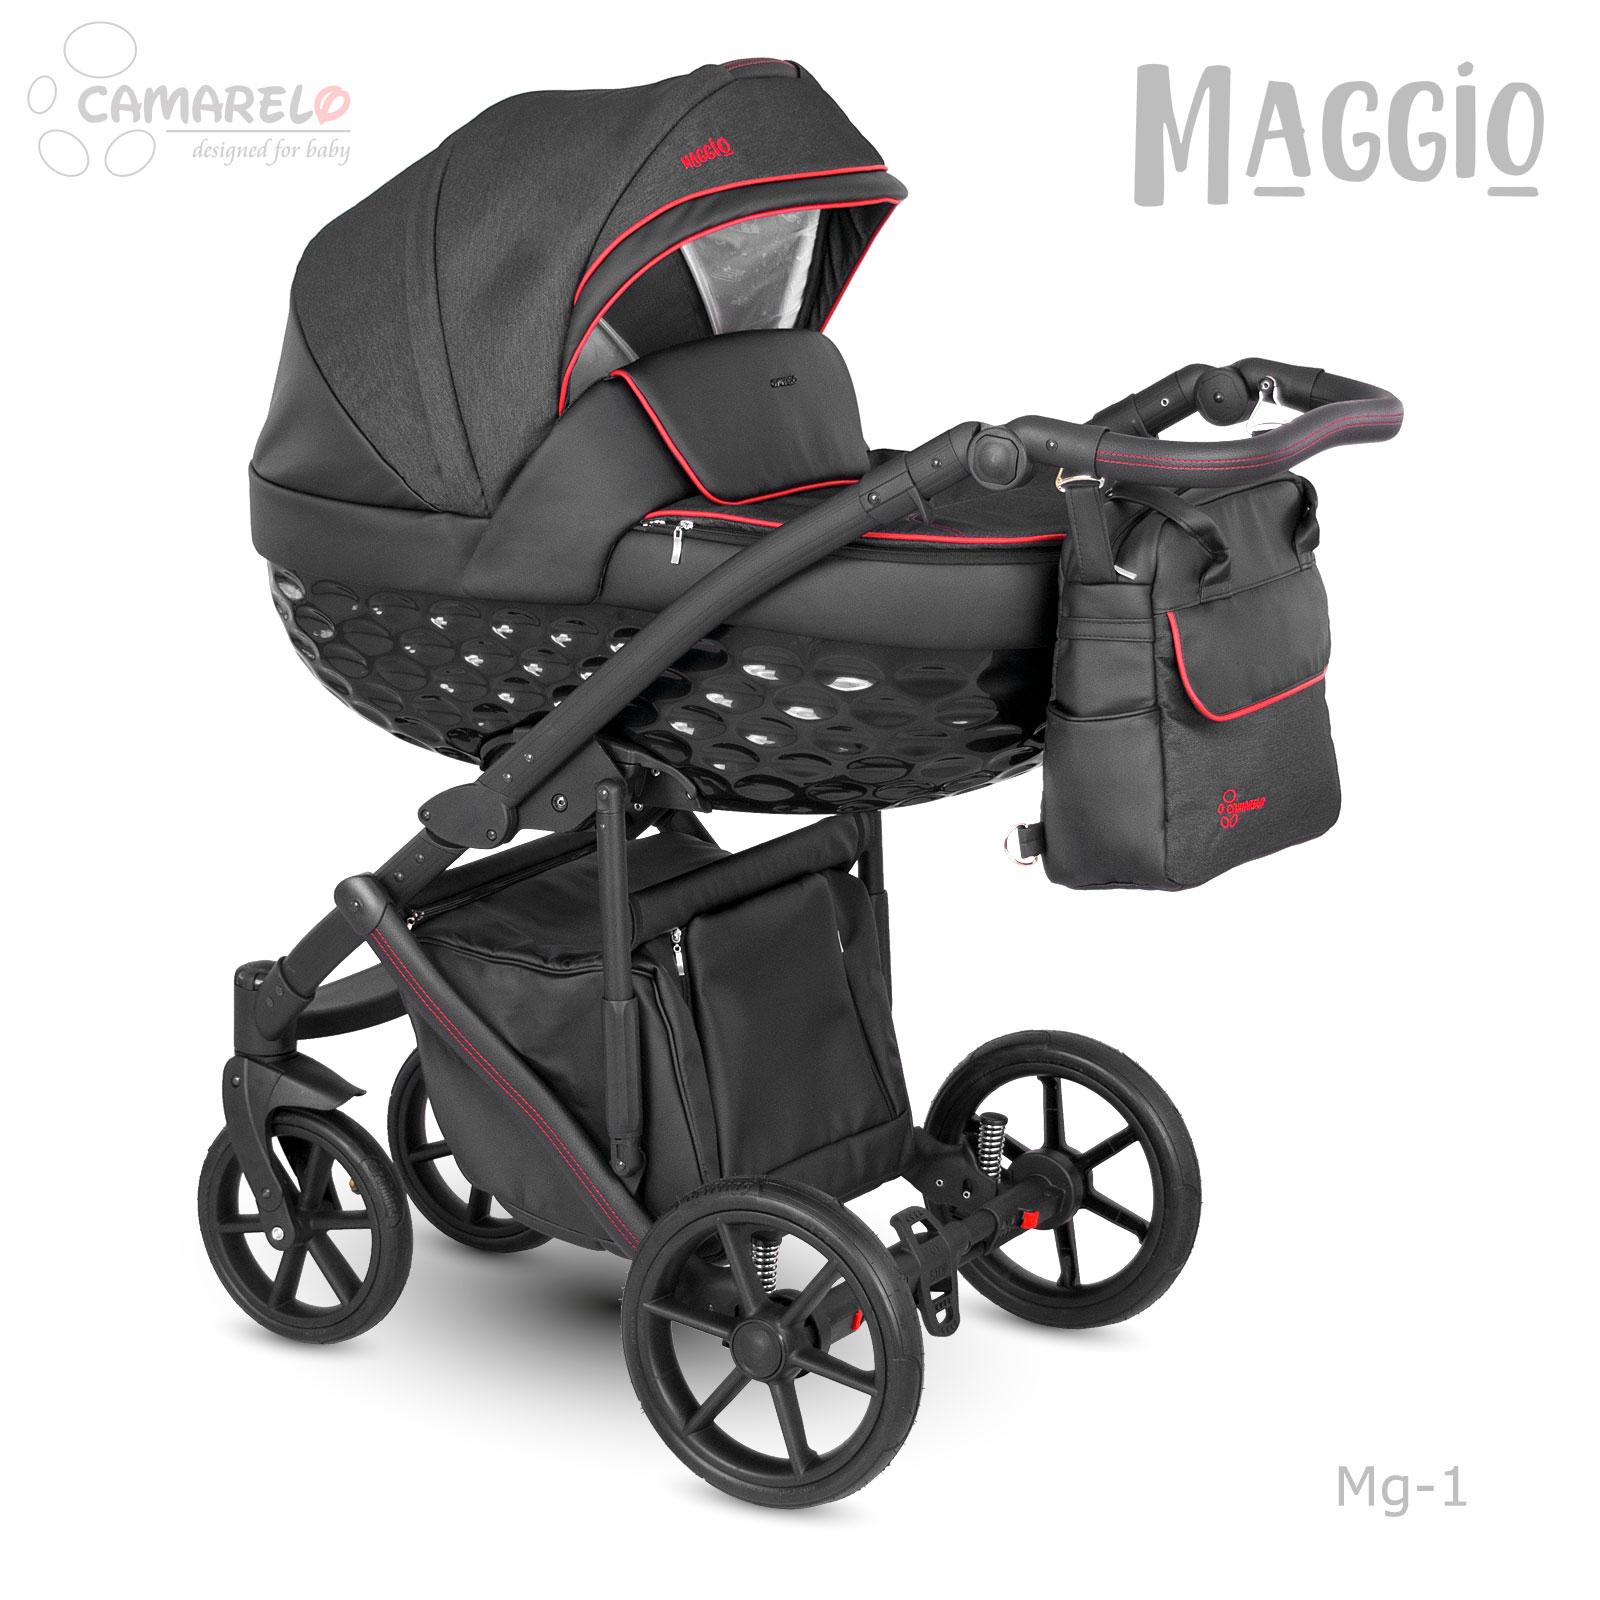 Maggio-Mg-01a